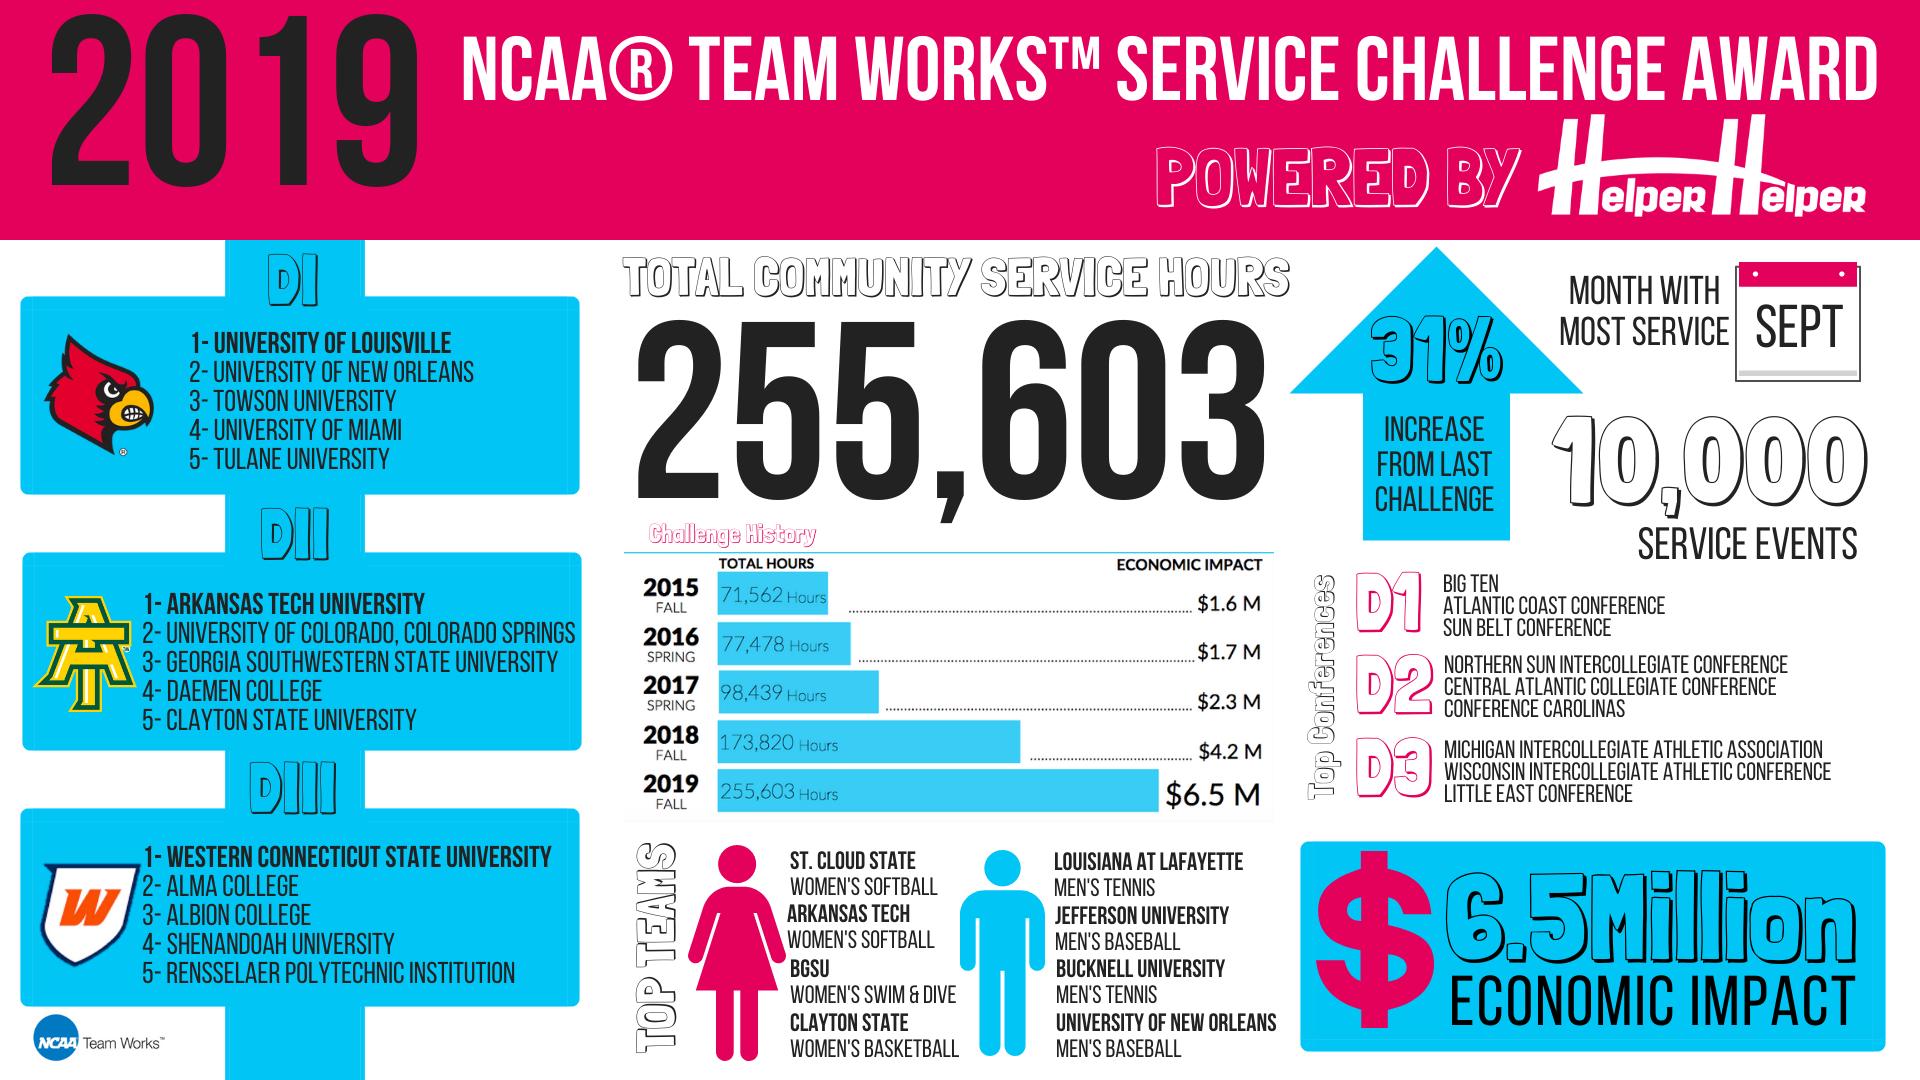 2019 NCAA Team Works Challenge